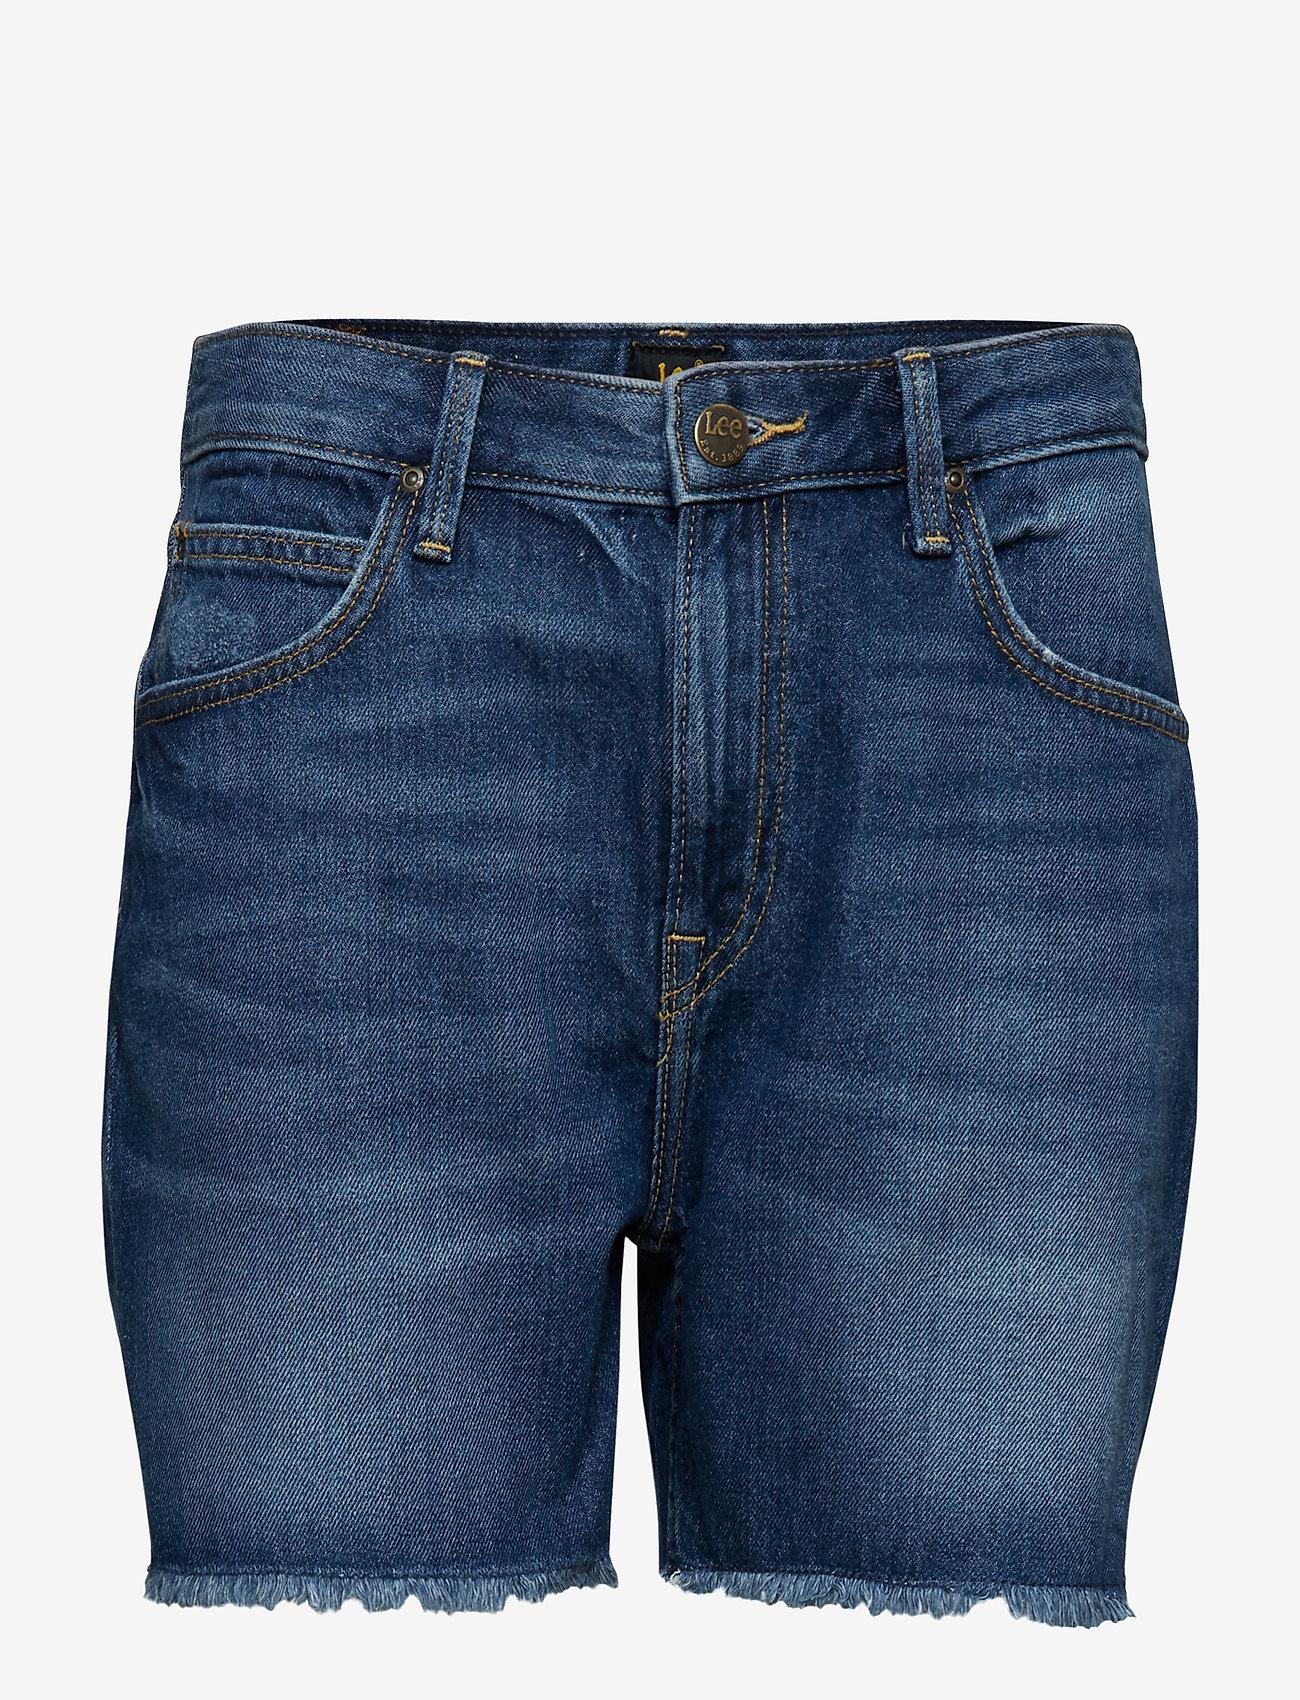 Lee Jeans - BOYFRIEND SHORT - denimshorts - flick dark - 0